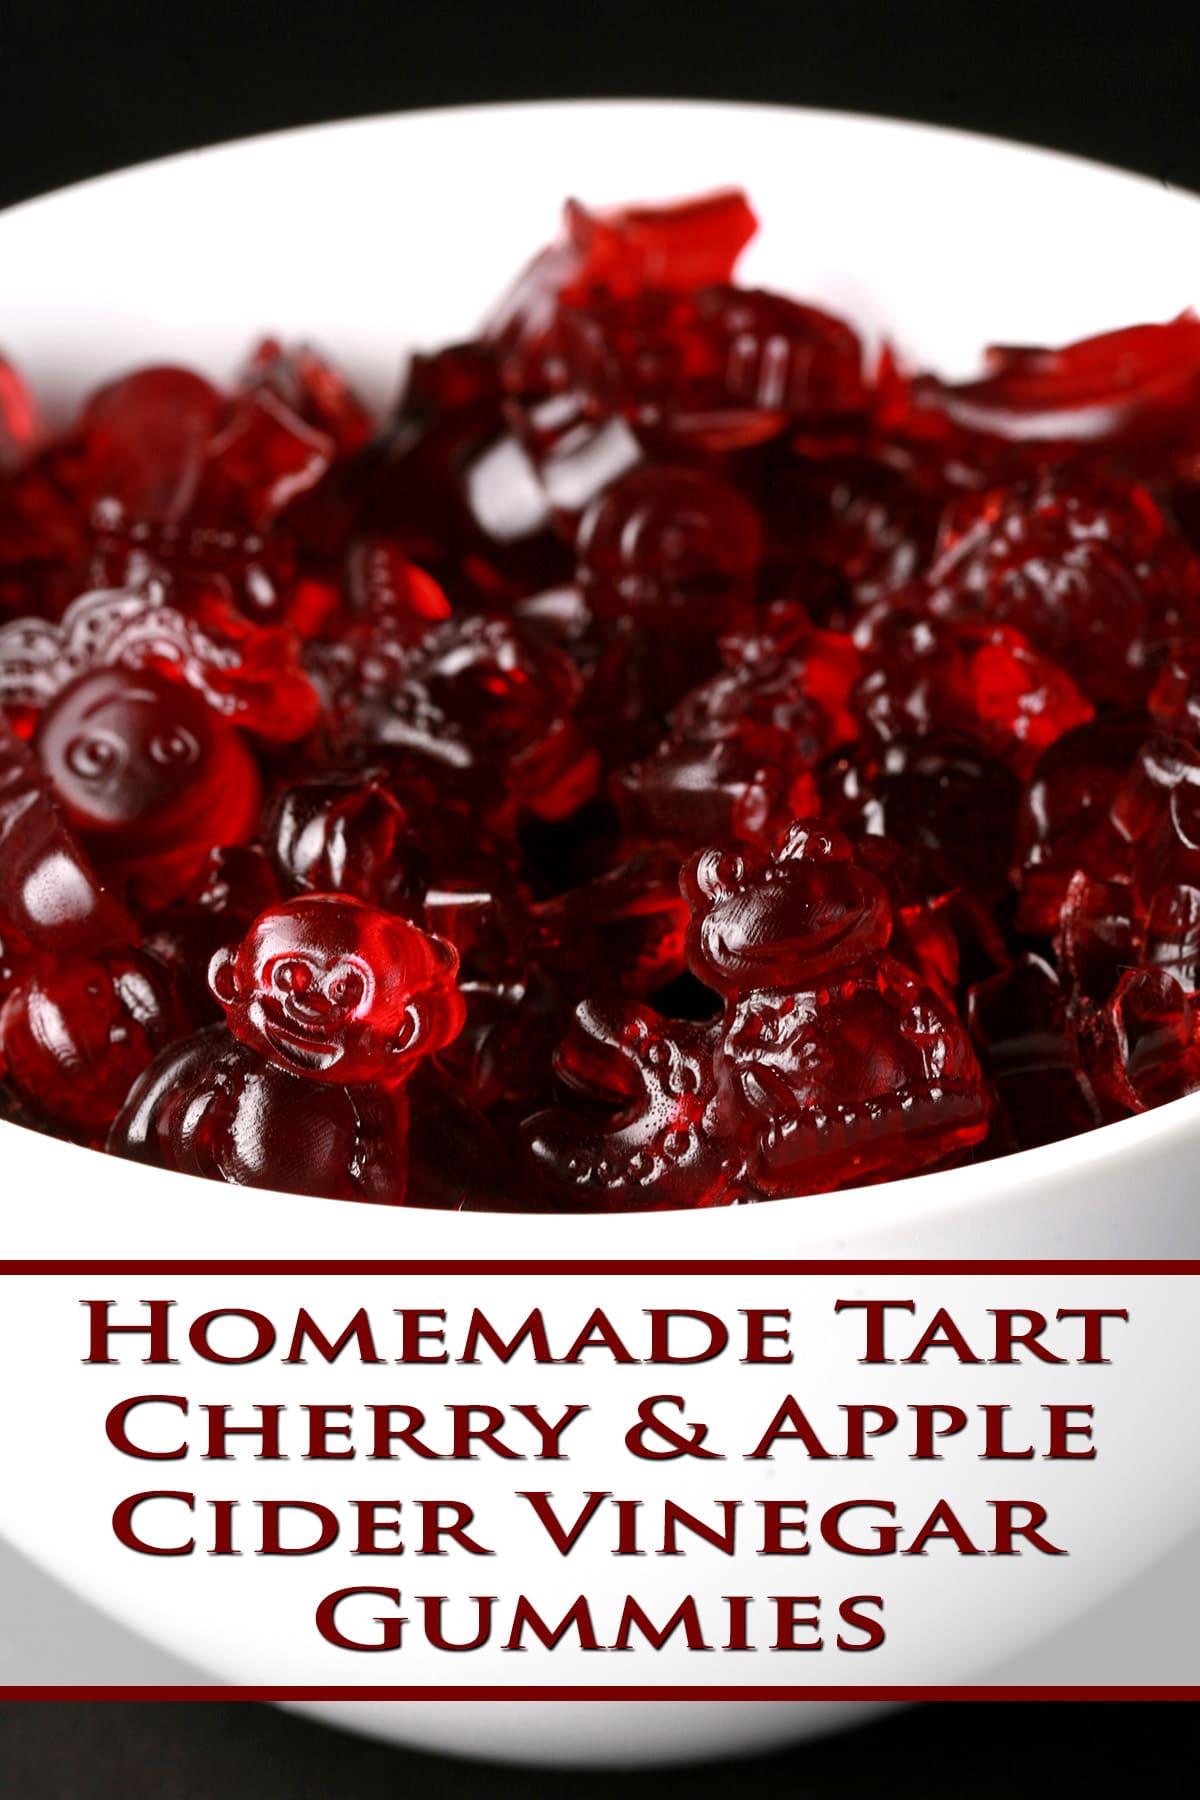 A white bowl full of tart cherry apple cider vinegar gummies, in various animal shapes.